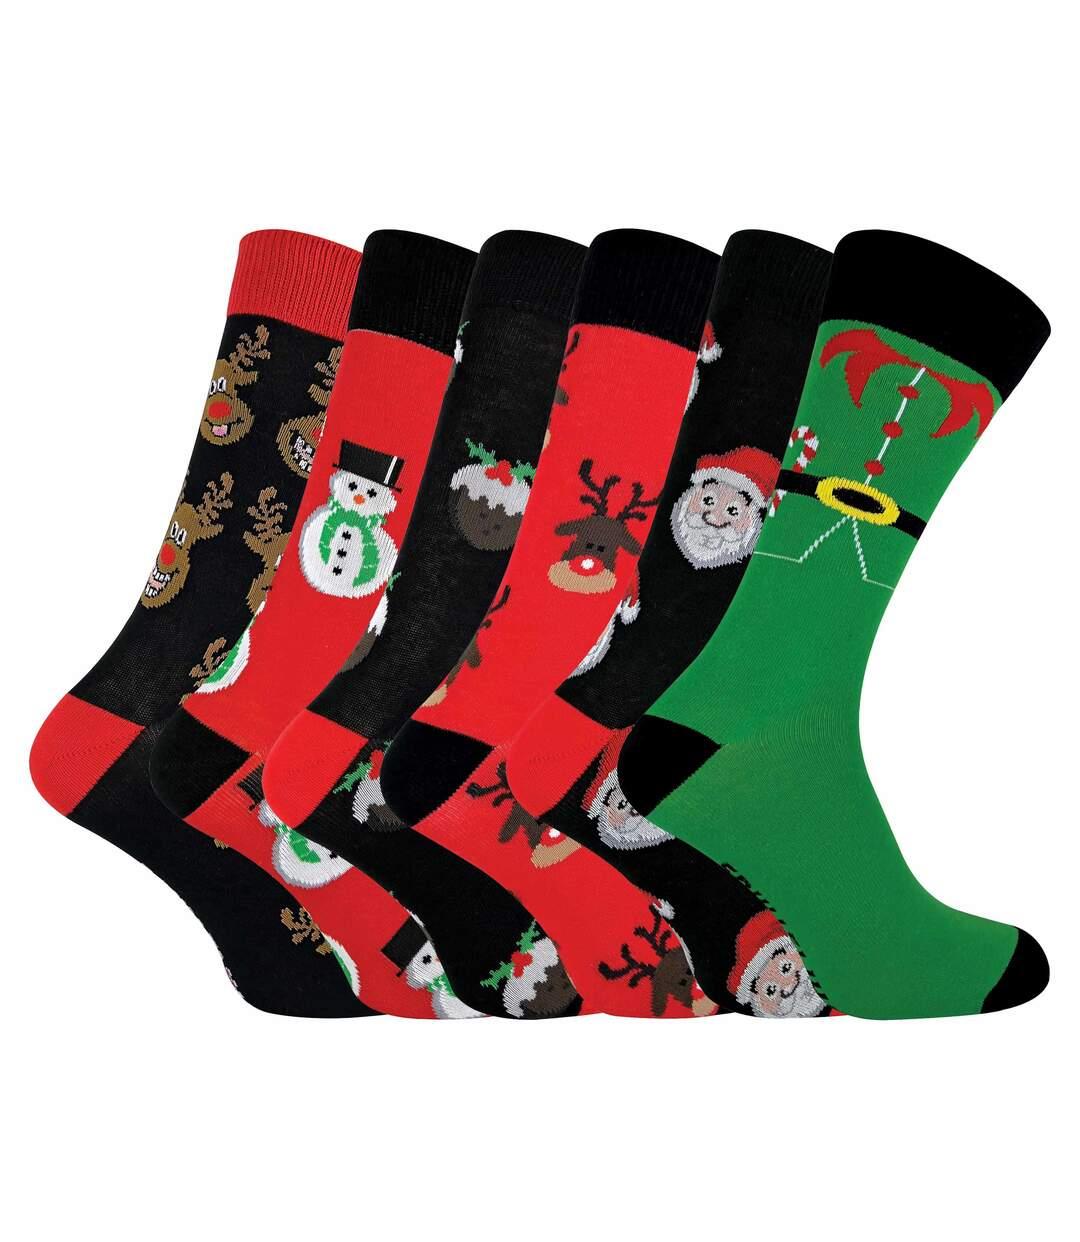 FESTIVE FEET Mens 6 Pk Novelty Christmas Socks